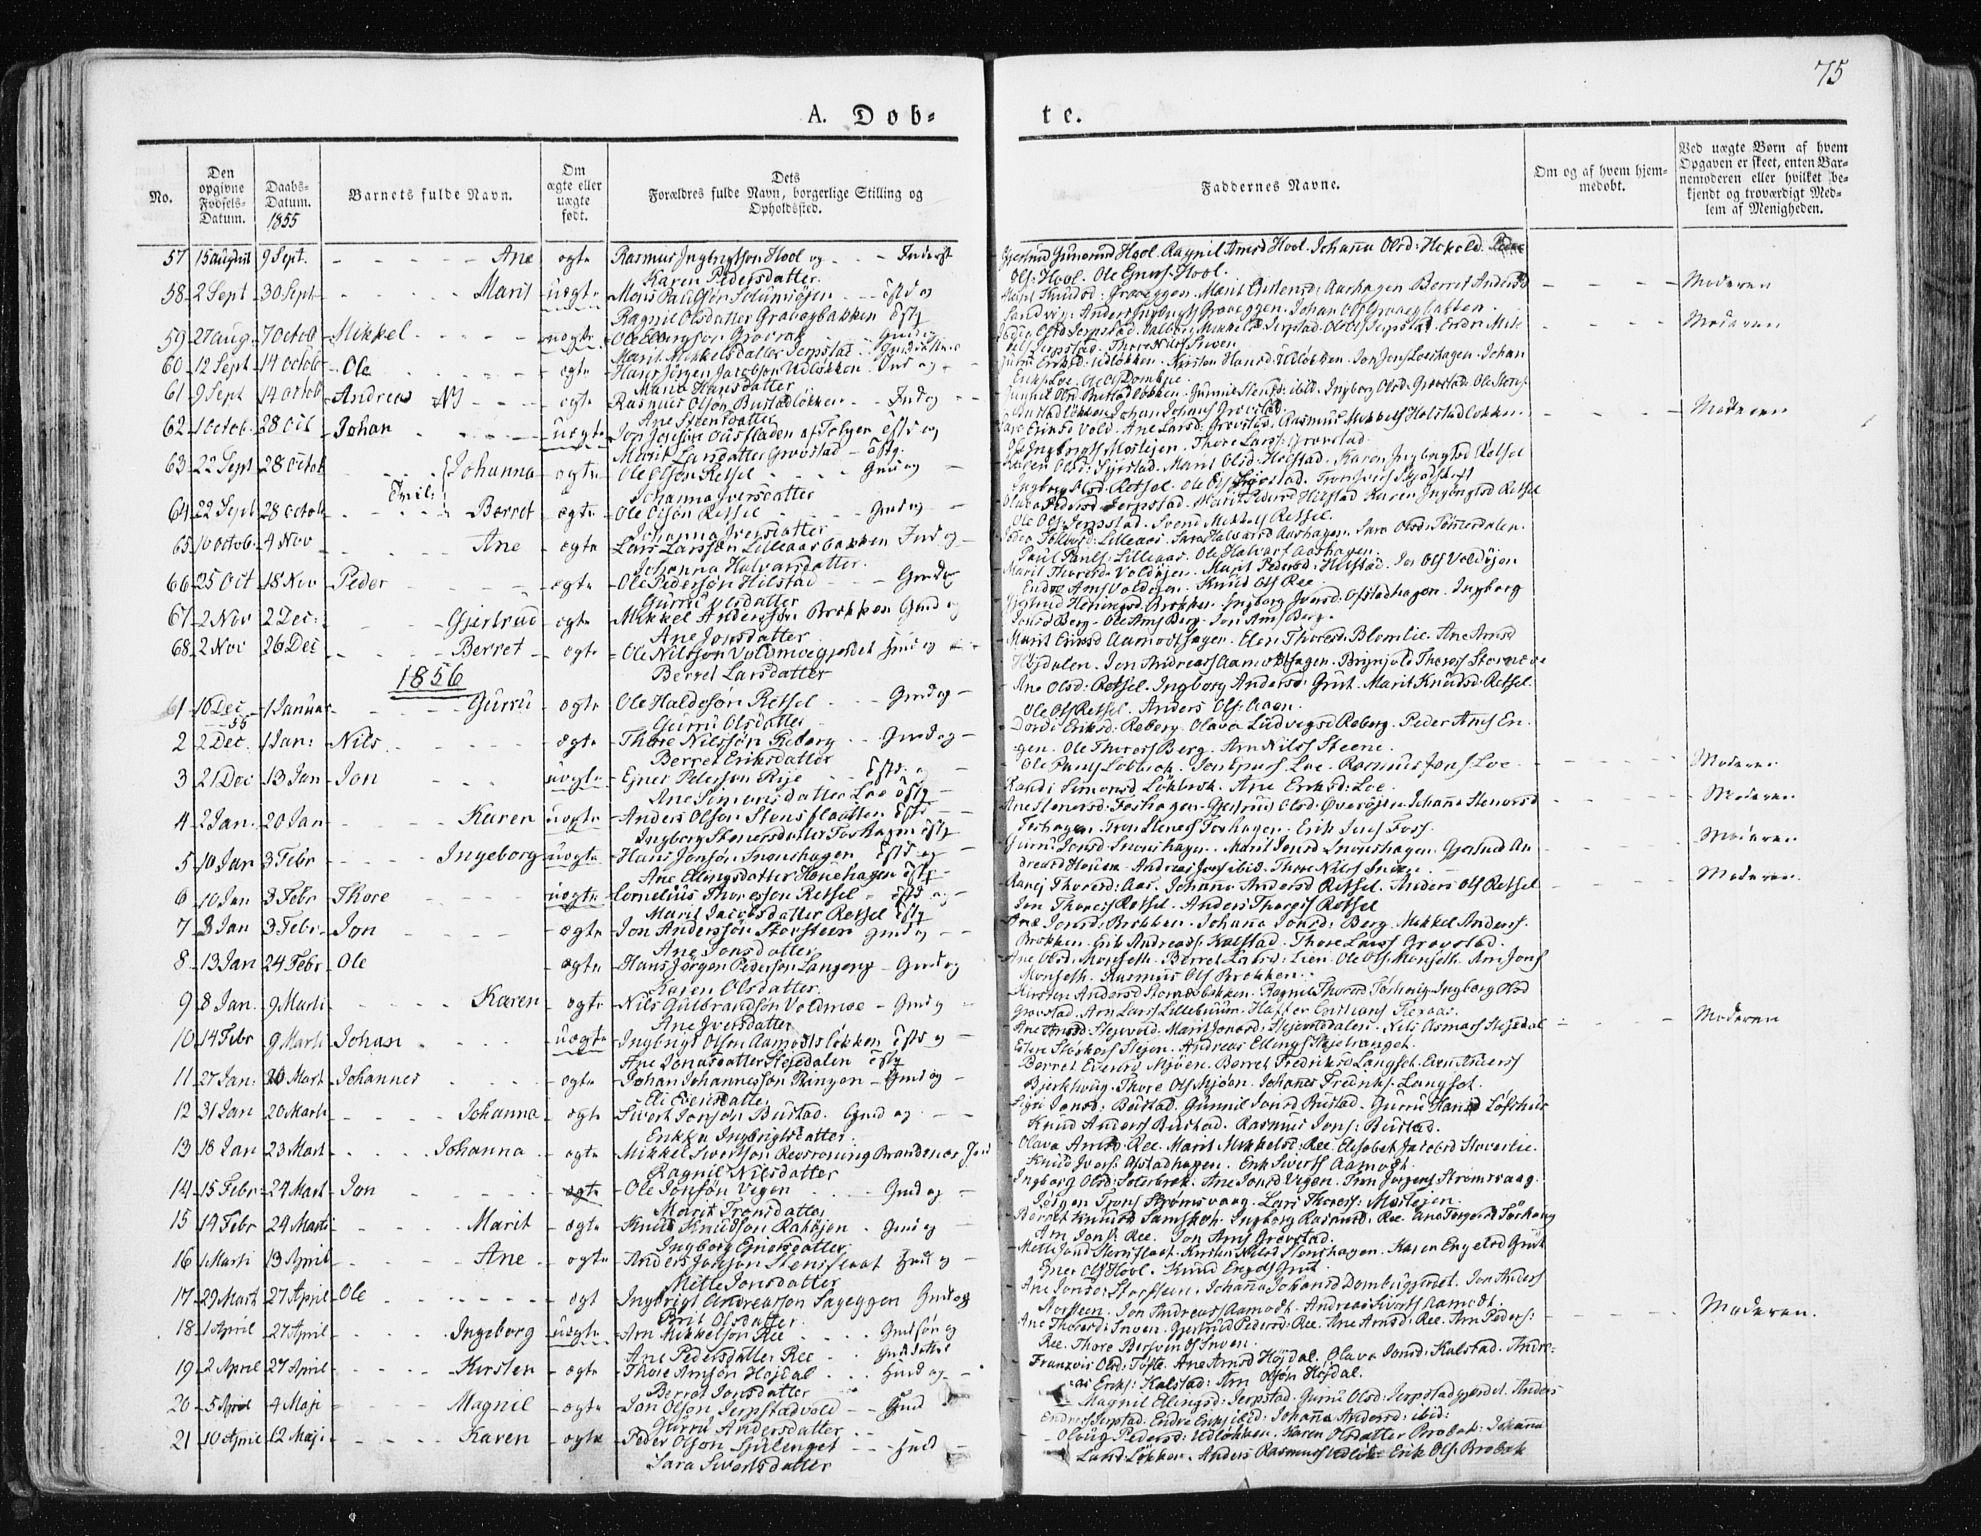 SAT, Ministerialprotokoller, klokkerbøker og fødselsregistre - Sør-Trøndelag, 672/L0855: Ministerialbok nr. 672A07, 1829-1860, s. 75